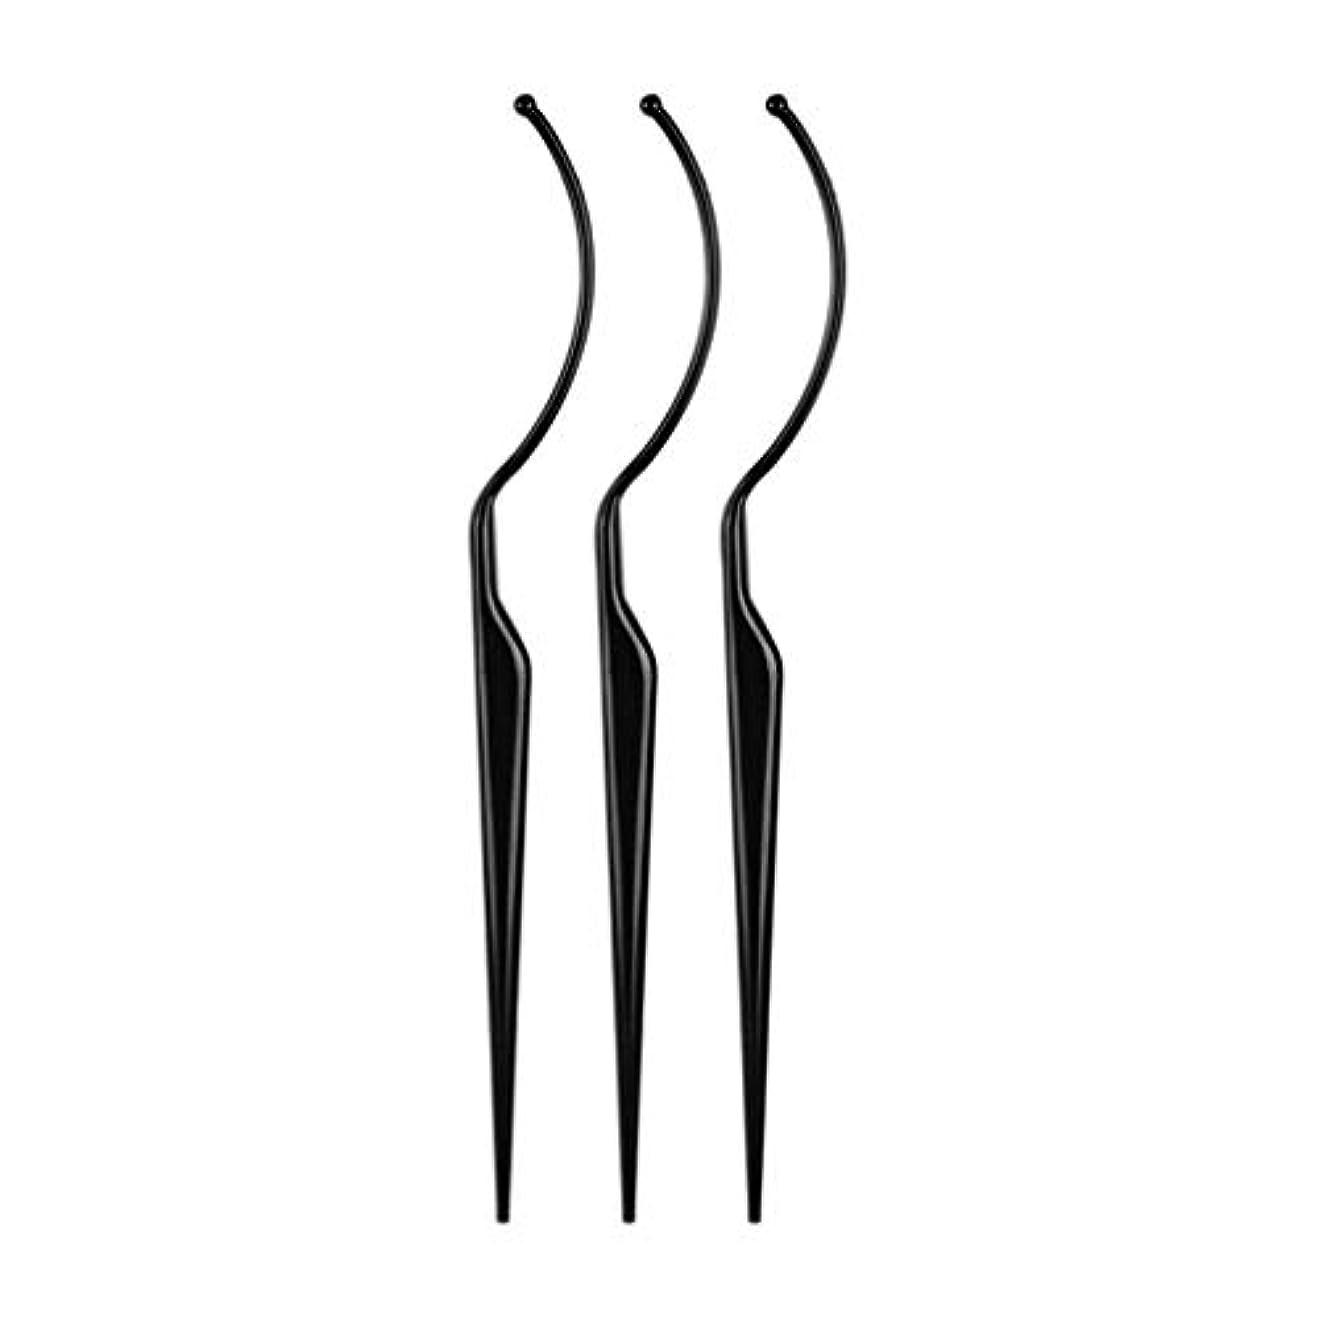 甘いヒューマニスティックジャグリングまつげ ディスプレイ まつげ エクステンション ピンセット つけまつげ専用ピンセット 耐久性 軽量 全2色 - ブラック